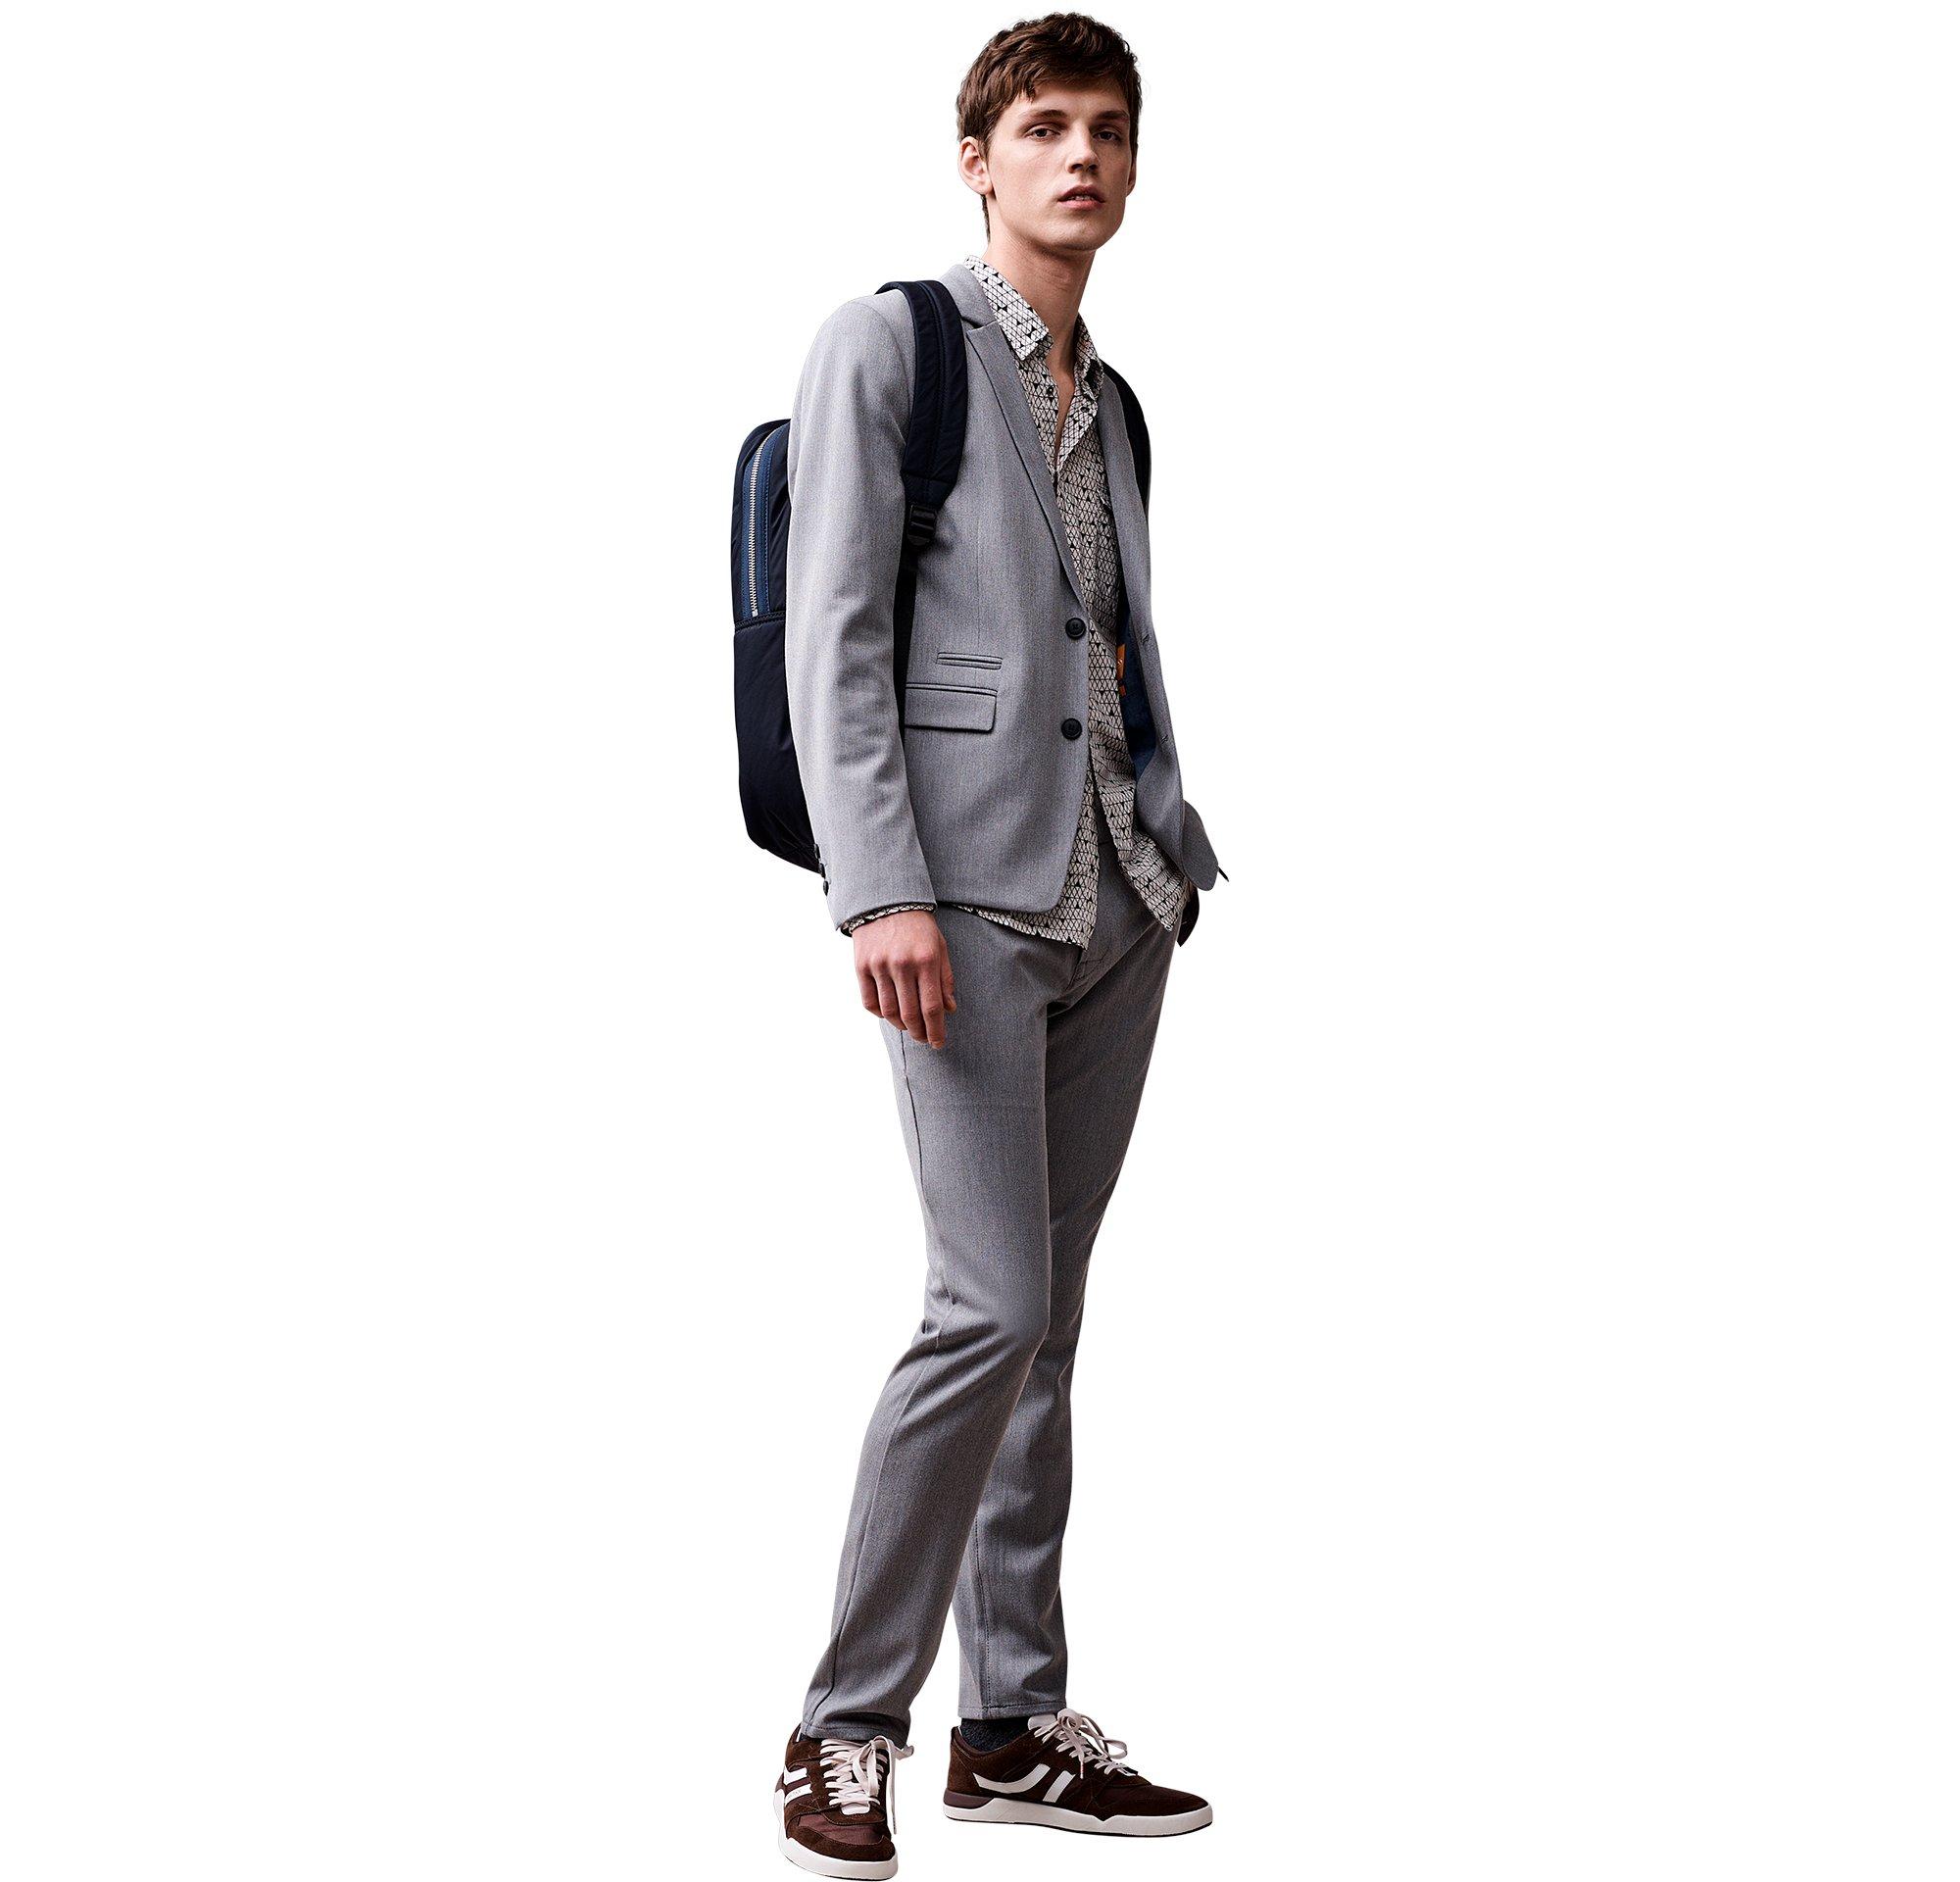 BOSS_ORANGE_Men_PF17_Look_18,